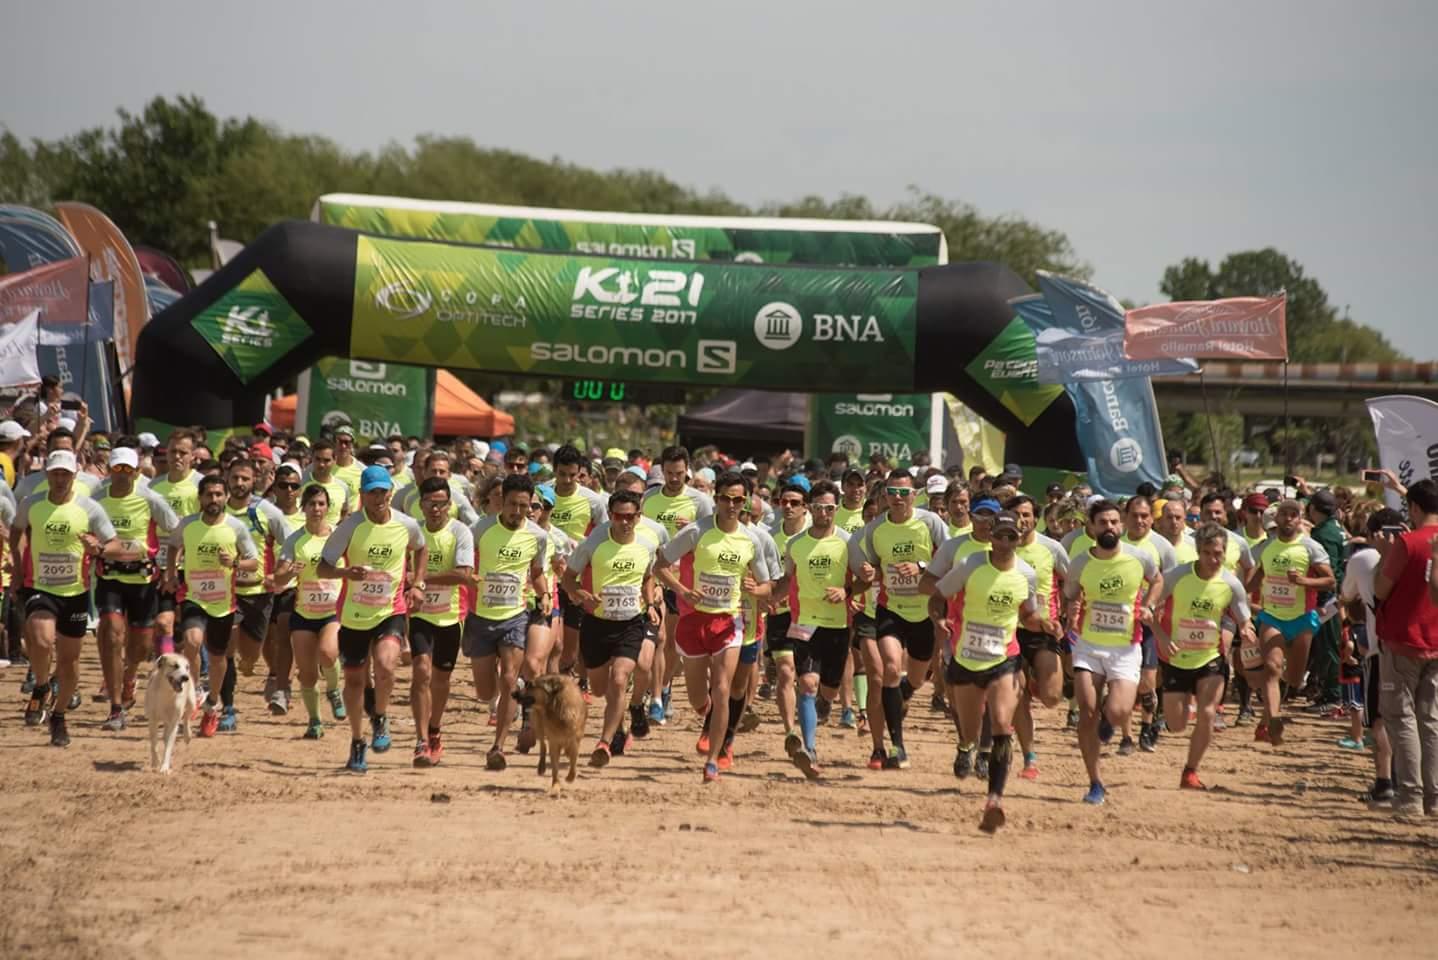 En conferencia de prensa, el intendente Mauro David Poletti realizó la presentación de lo que será el cierre del Salomón K21 Series Copa Optitech que repite el escenario en las playas del Paraná. Se llevará a cabo el domingo 28 de octubre comenzando en nuestras playas del Río Paraná desde el Parador Municipal.